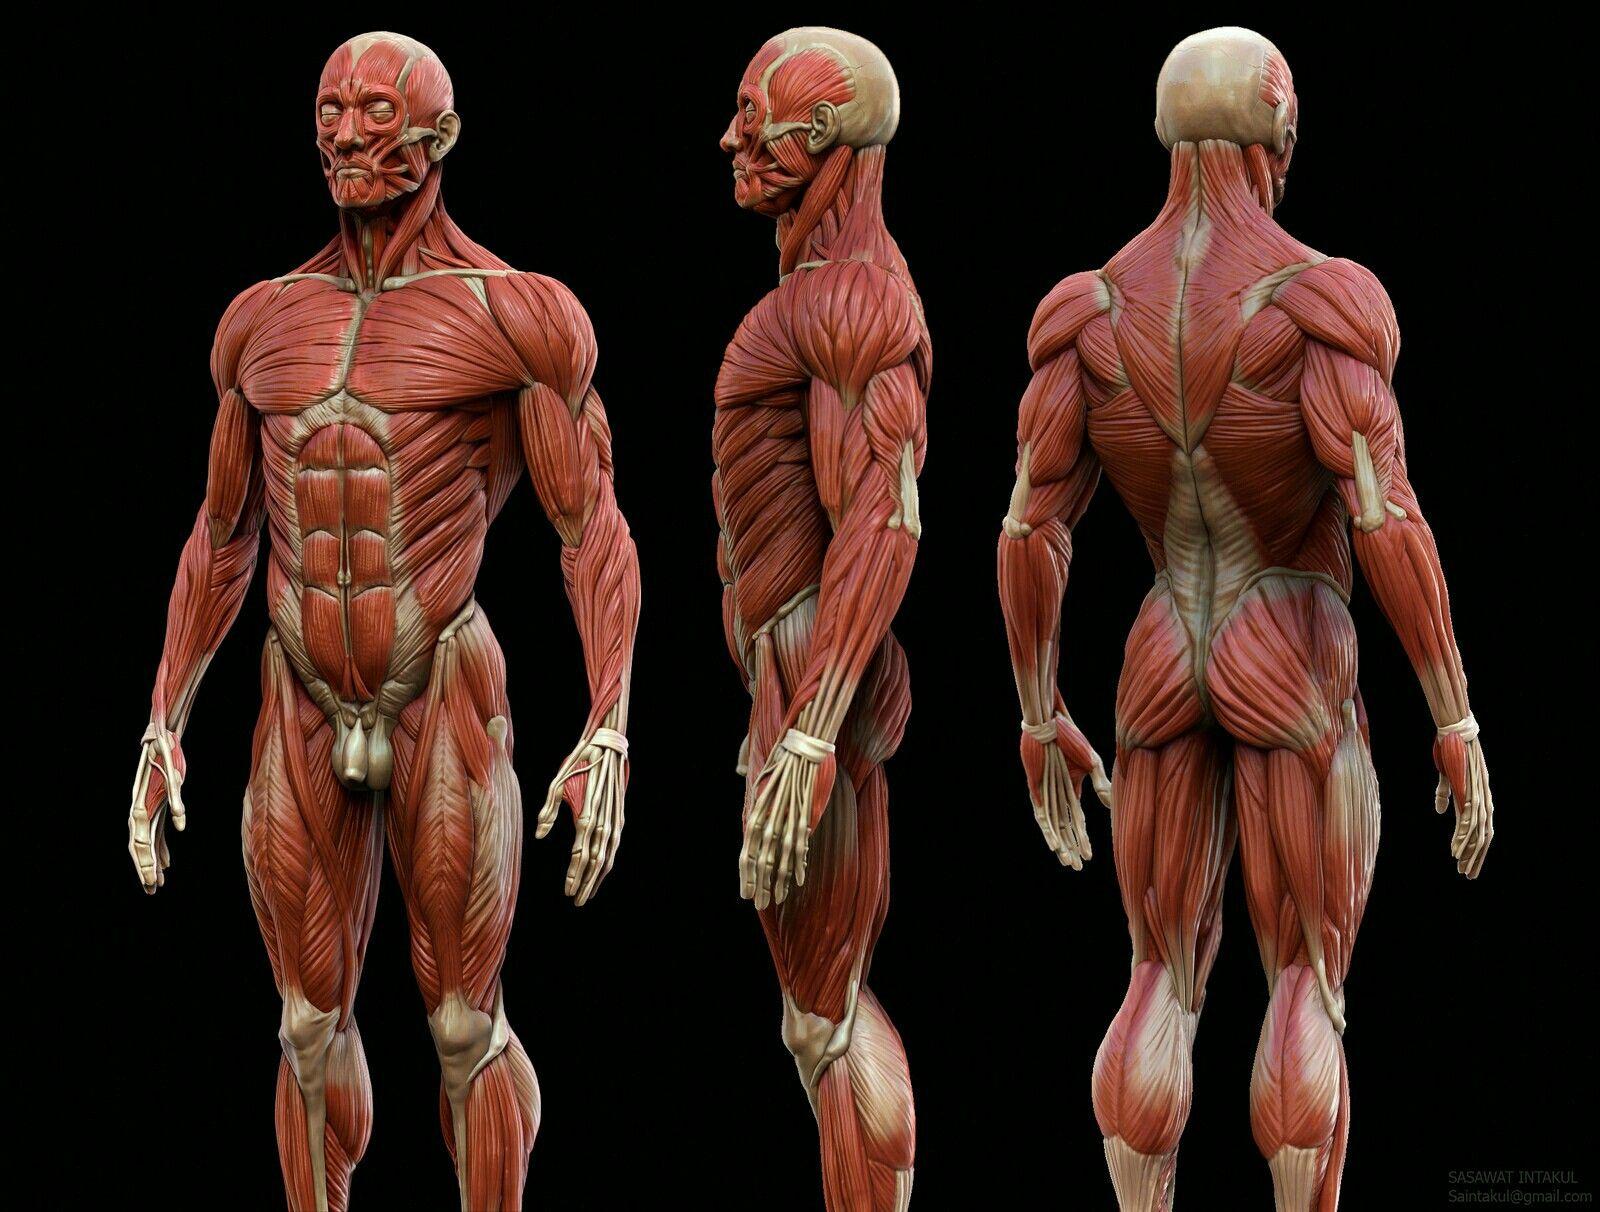 Increíble Anatomía Muscular Detallada Motivo - Imágenes de Anatomía ...